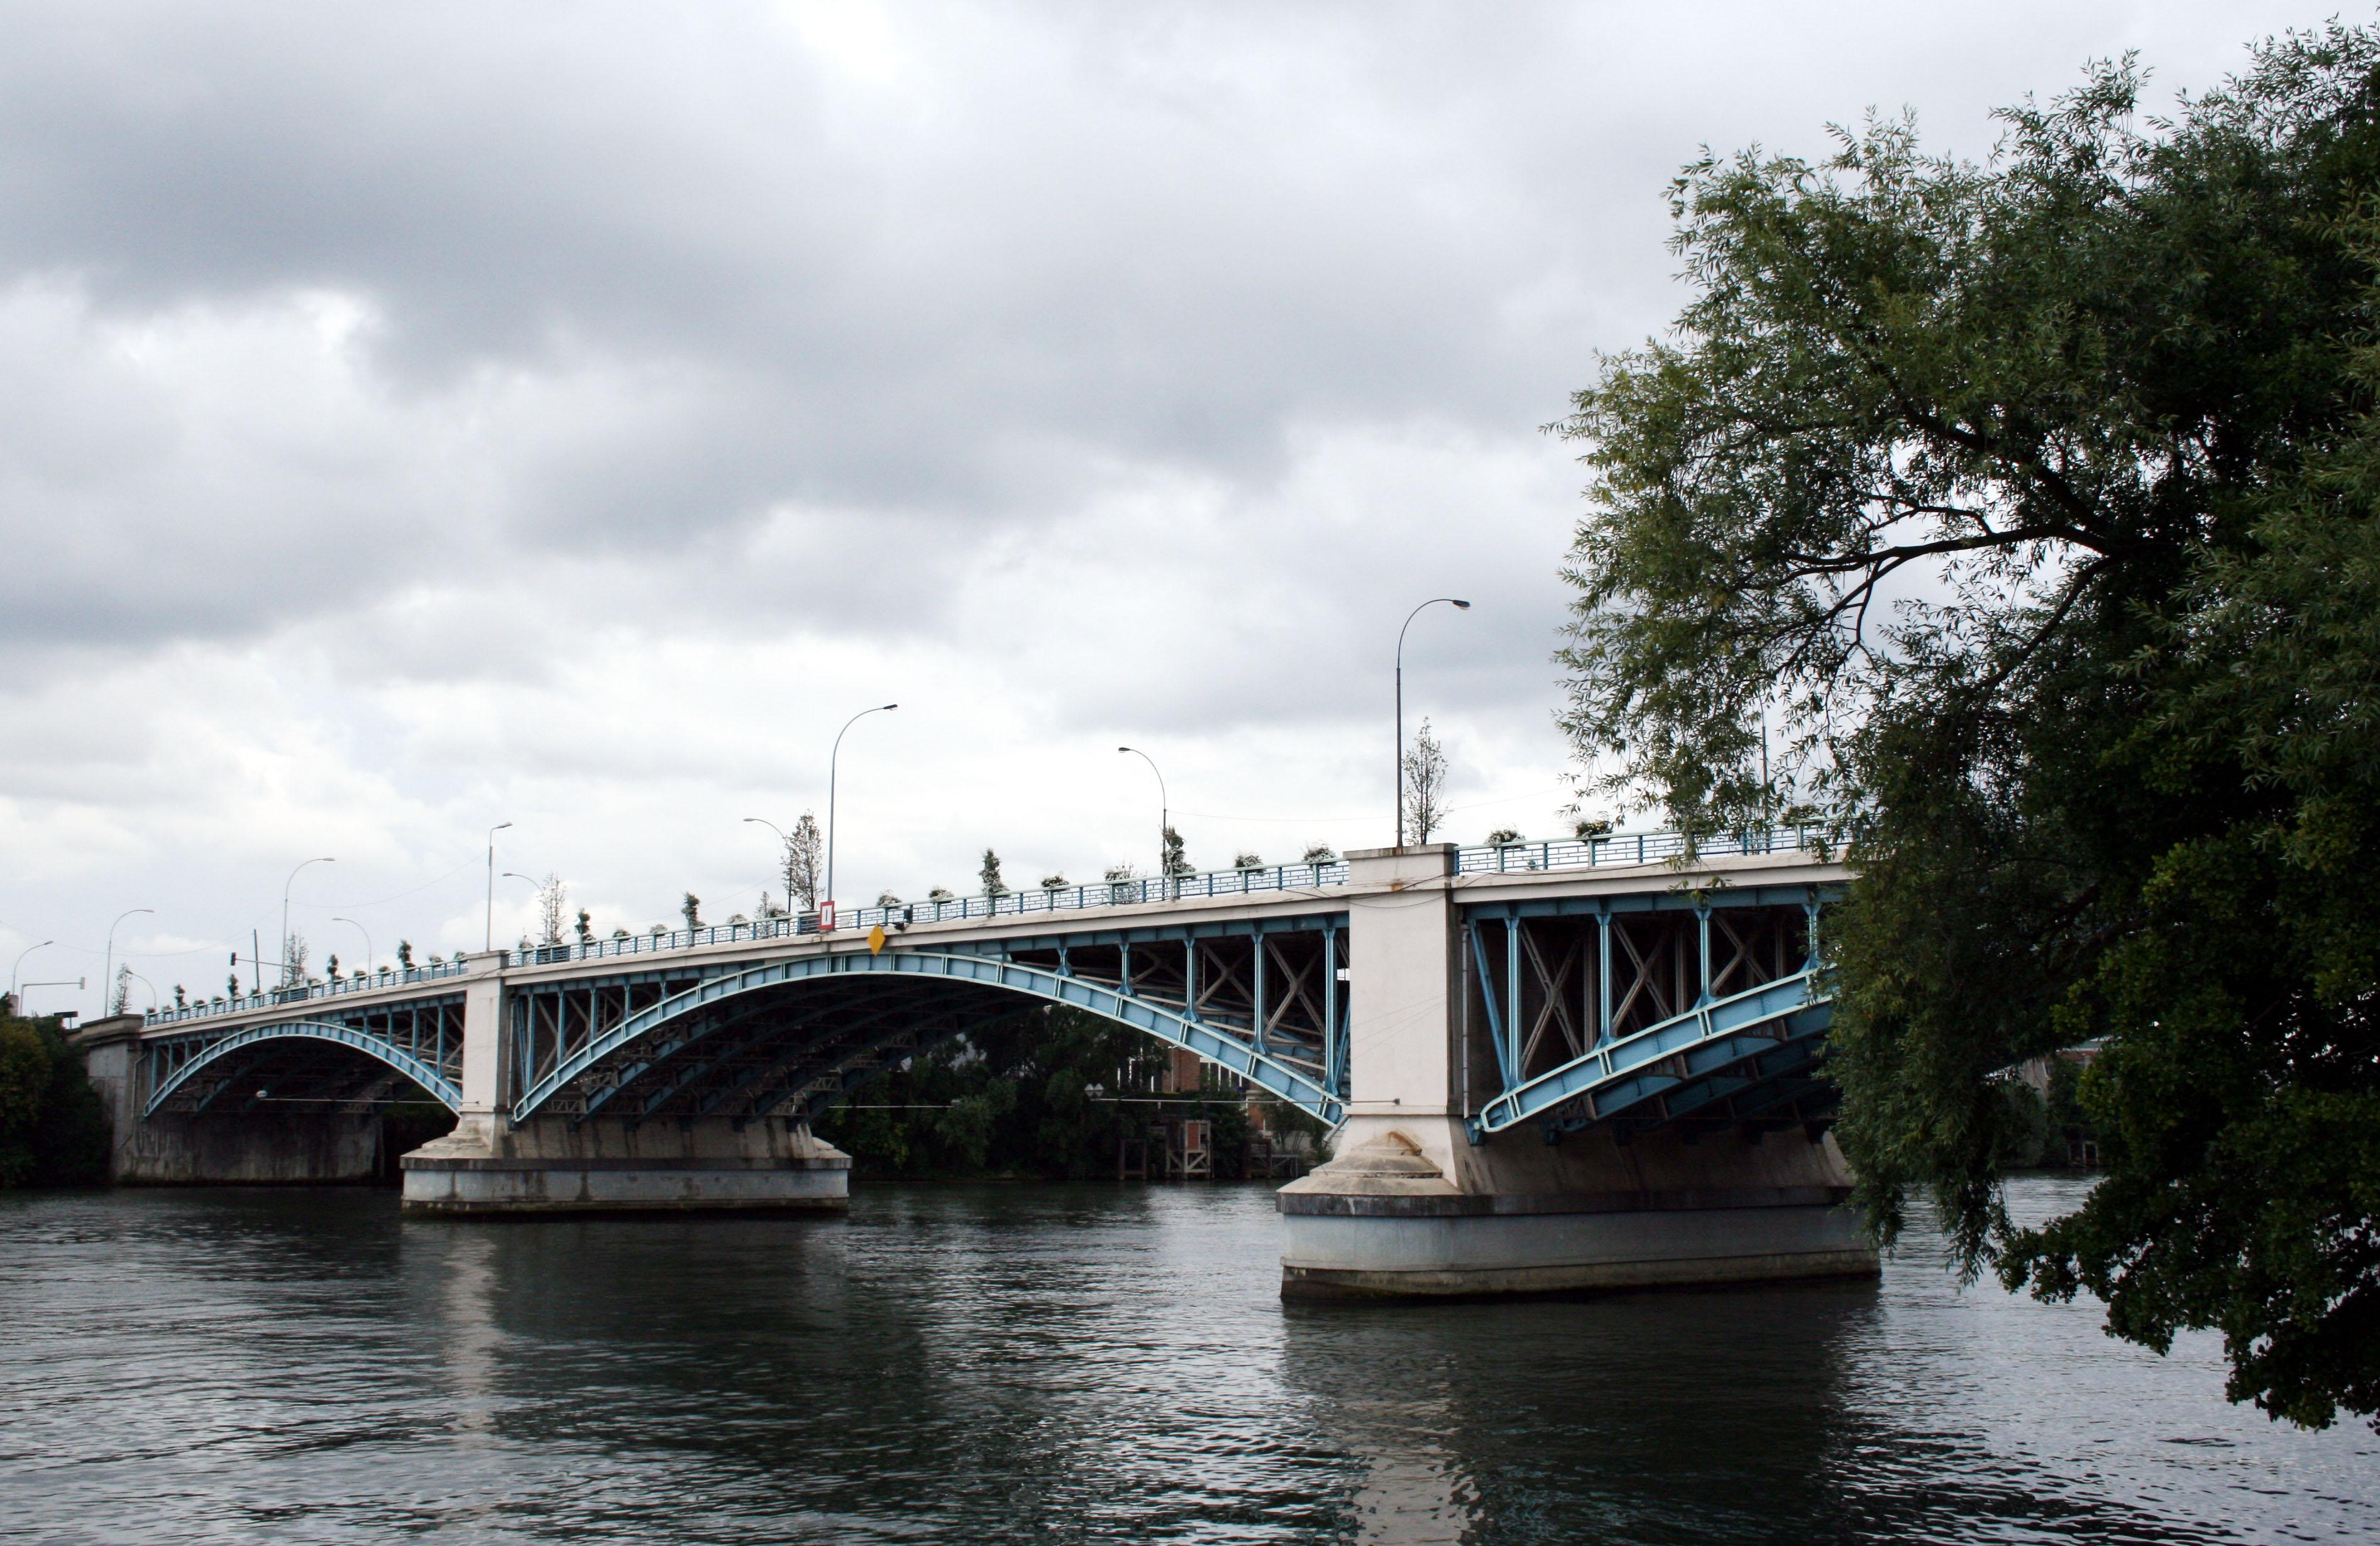 Argenteuil France  City pictures : le pont d argenteuil pays france région île de france département ...